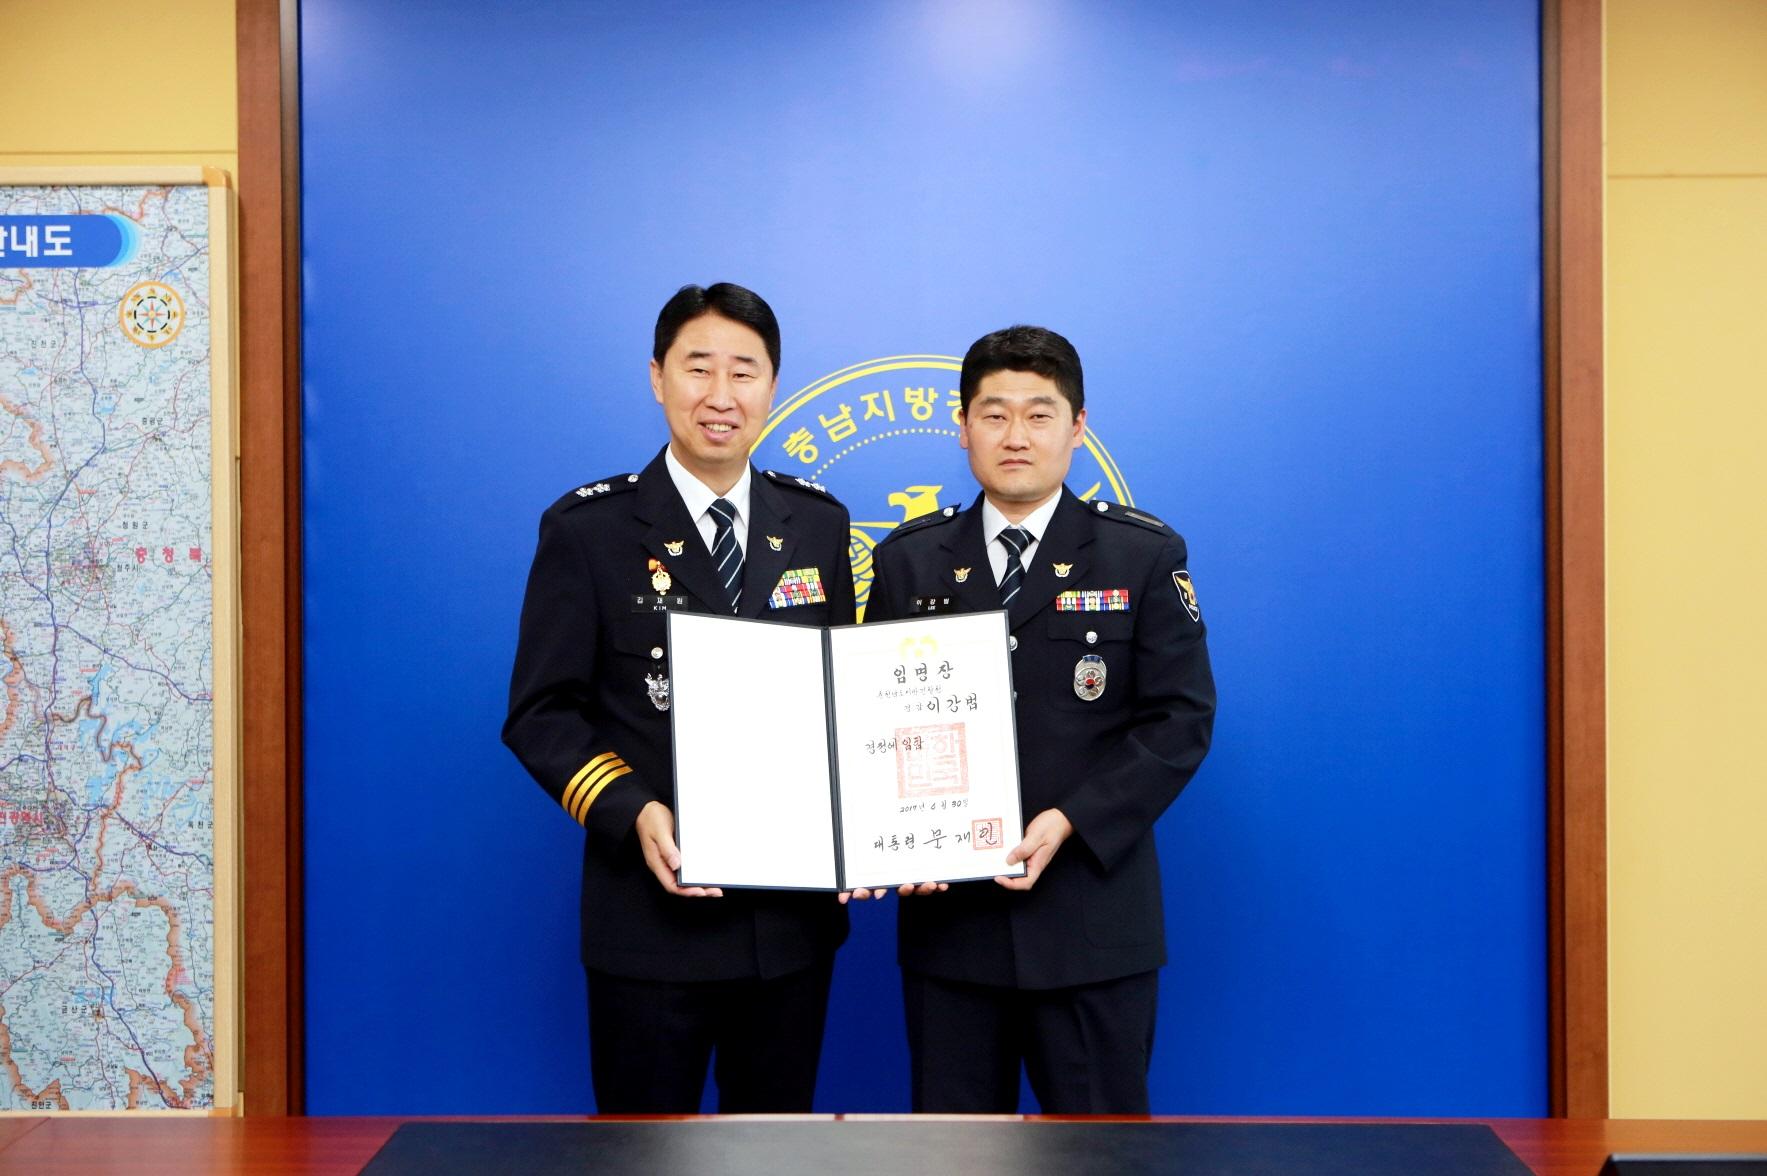 충남경찰청 광역수사대장 이강범 경정 승진 임용식